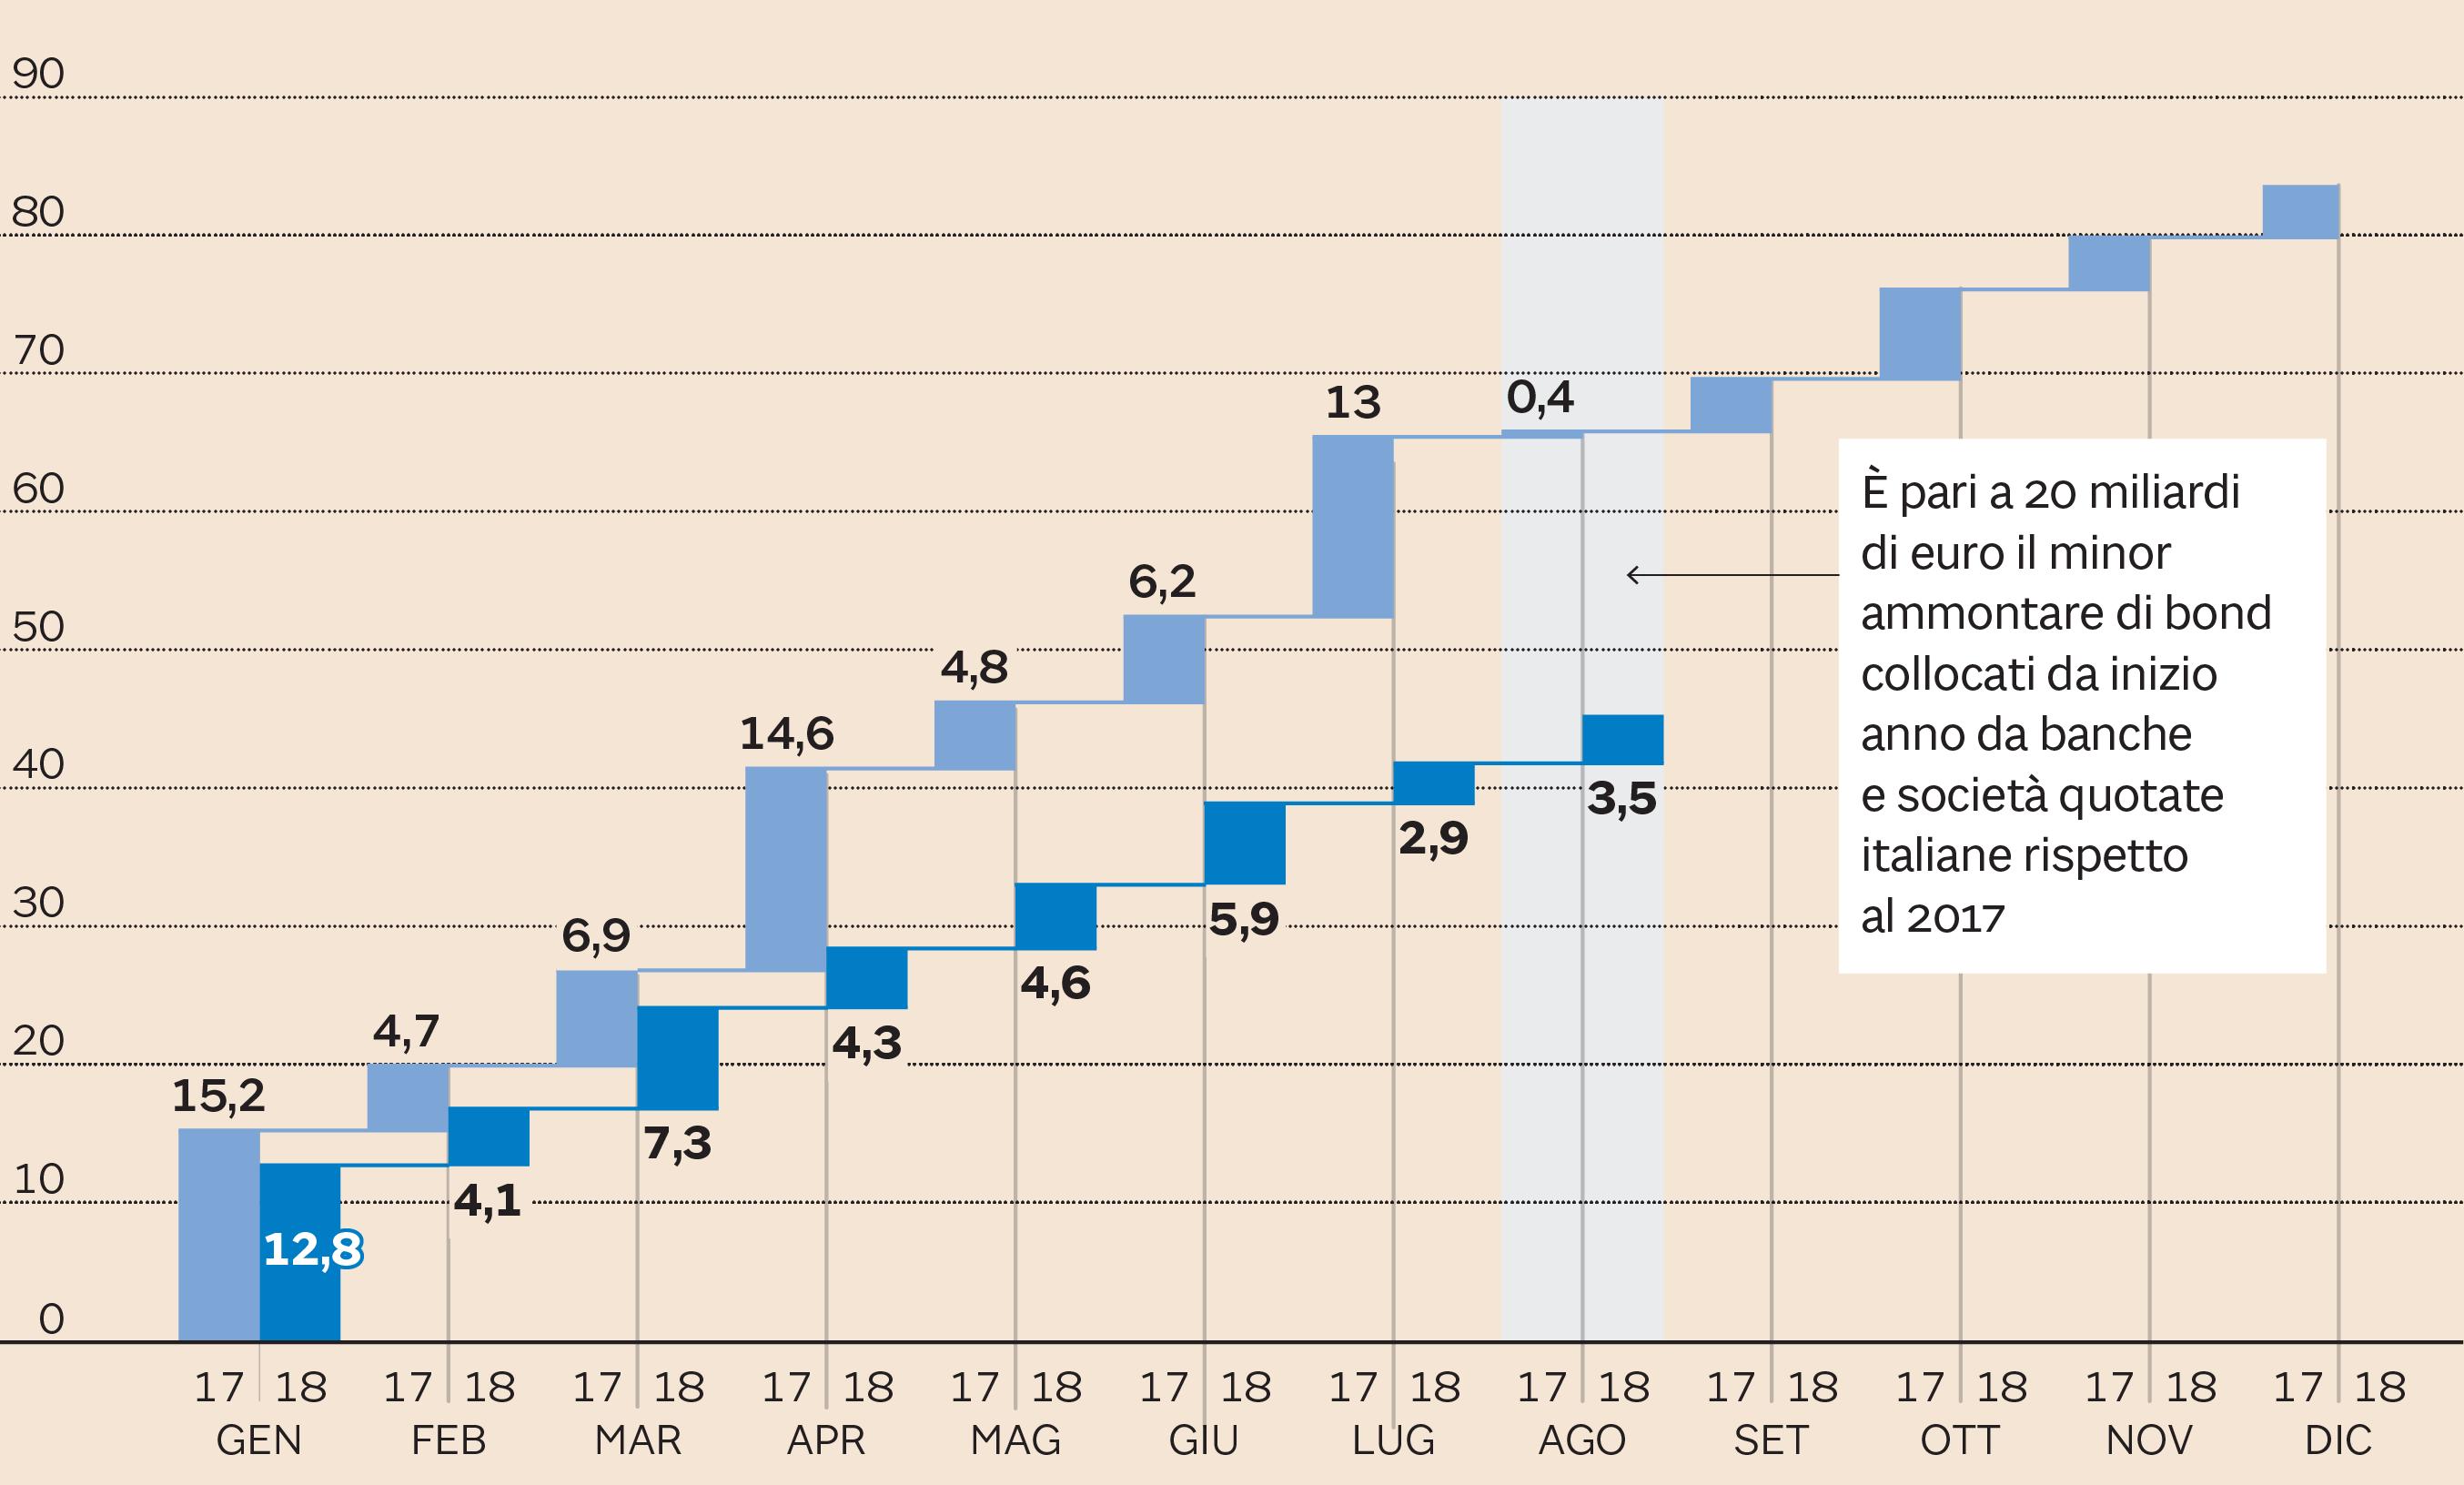 d7e931fc61 Controvalore collocato in miliardi di euro (Fonte: elaborazione Il Sole 24  Ore su dati S&P Market Intelligence)